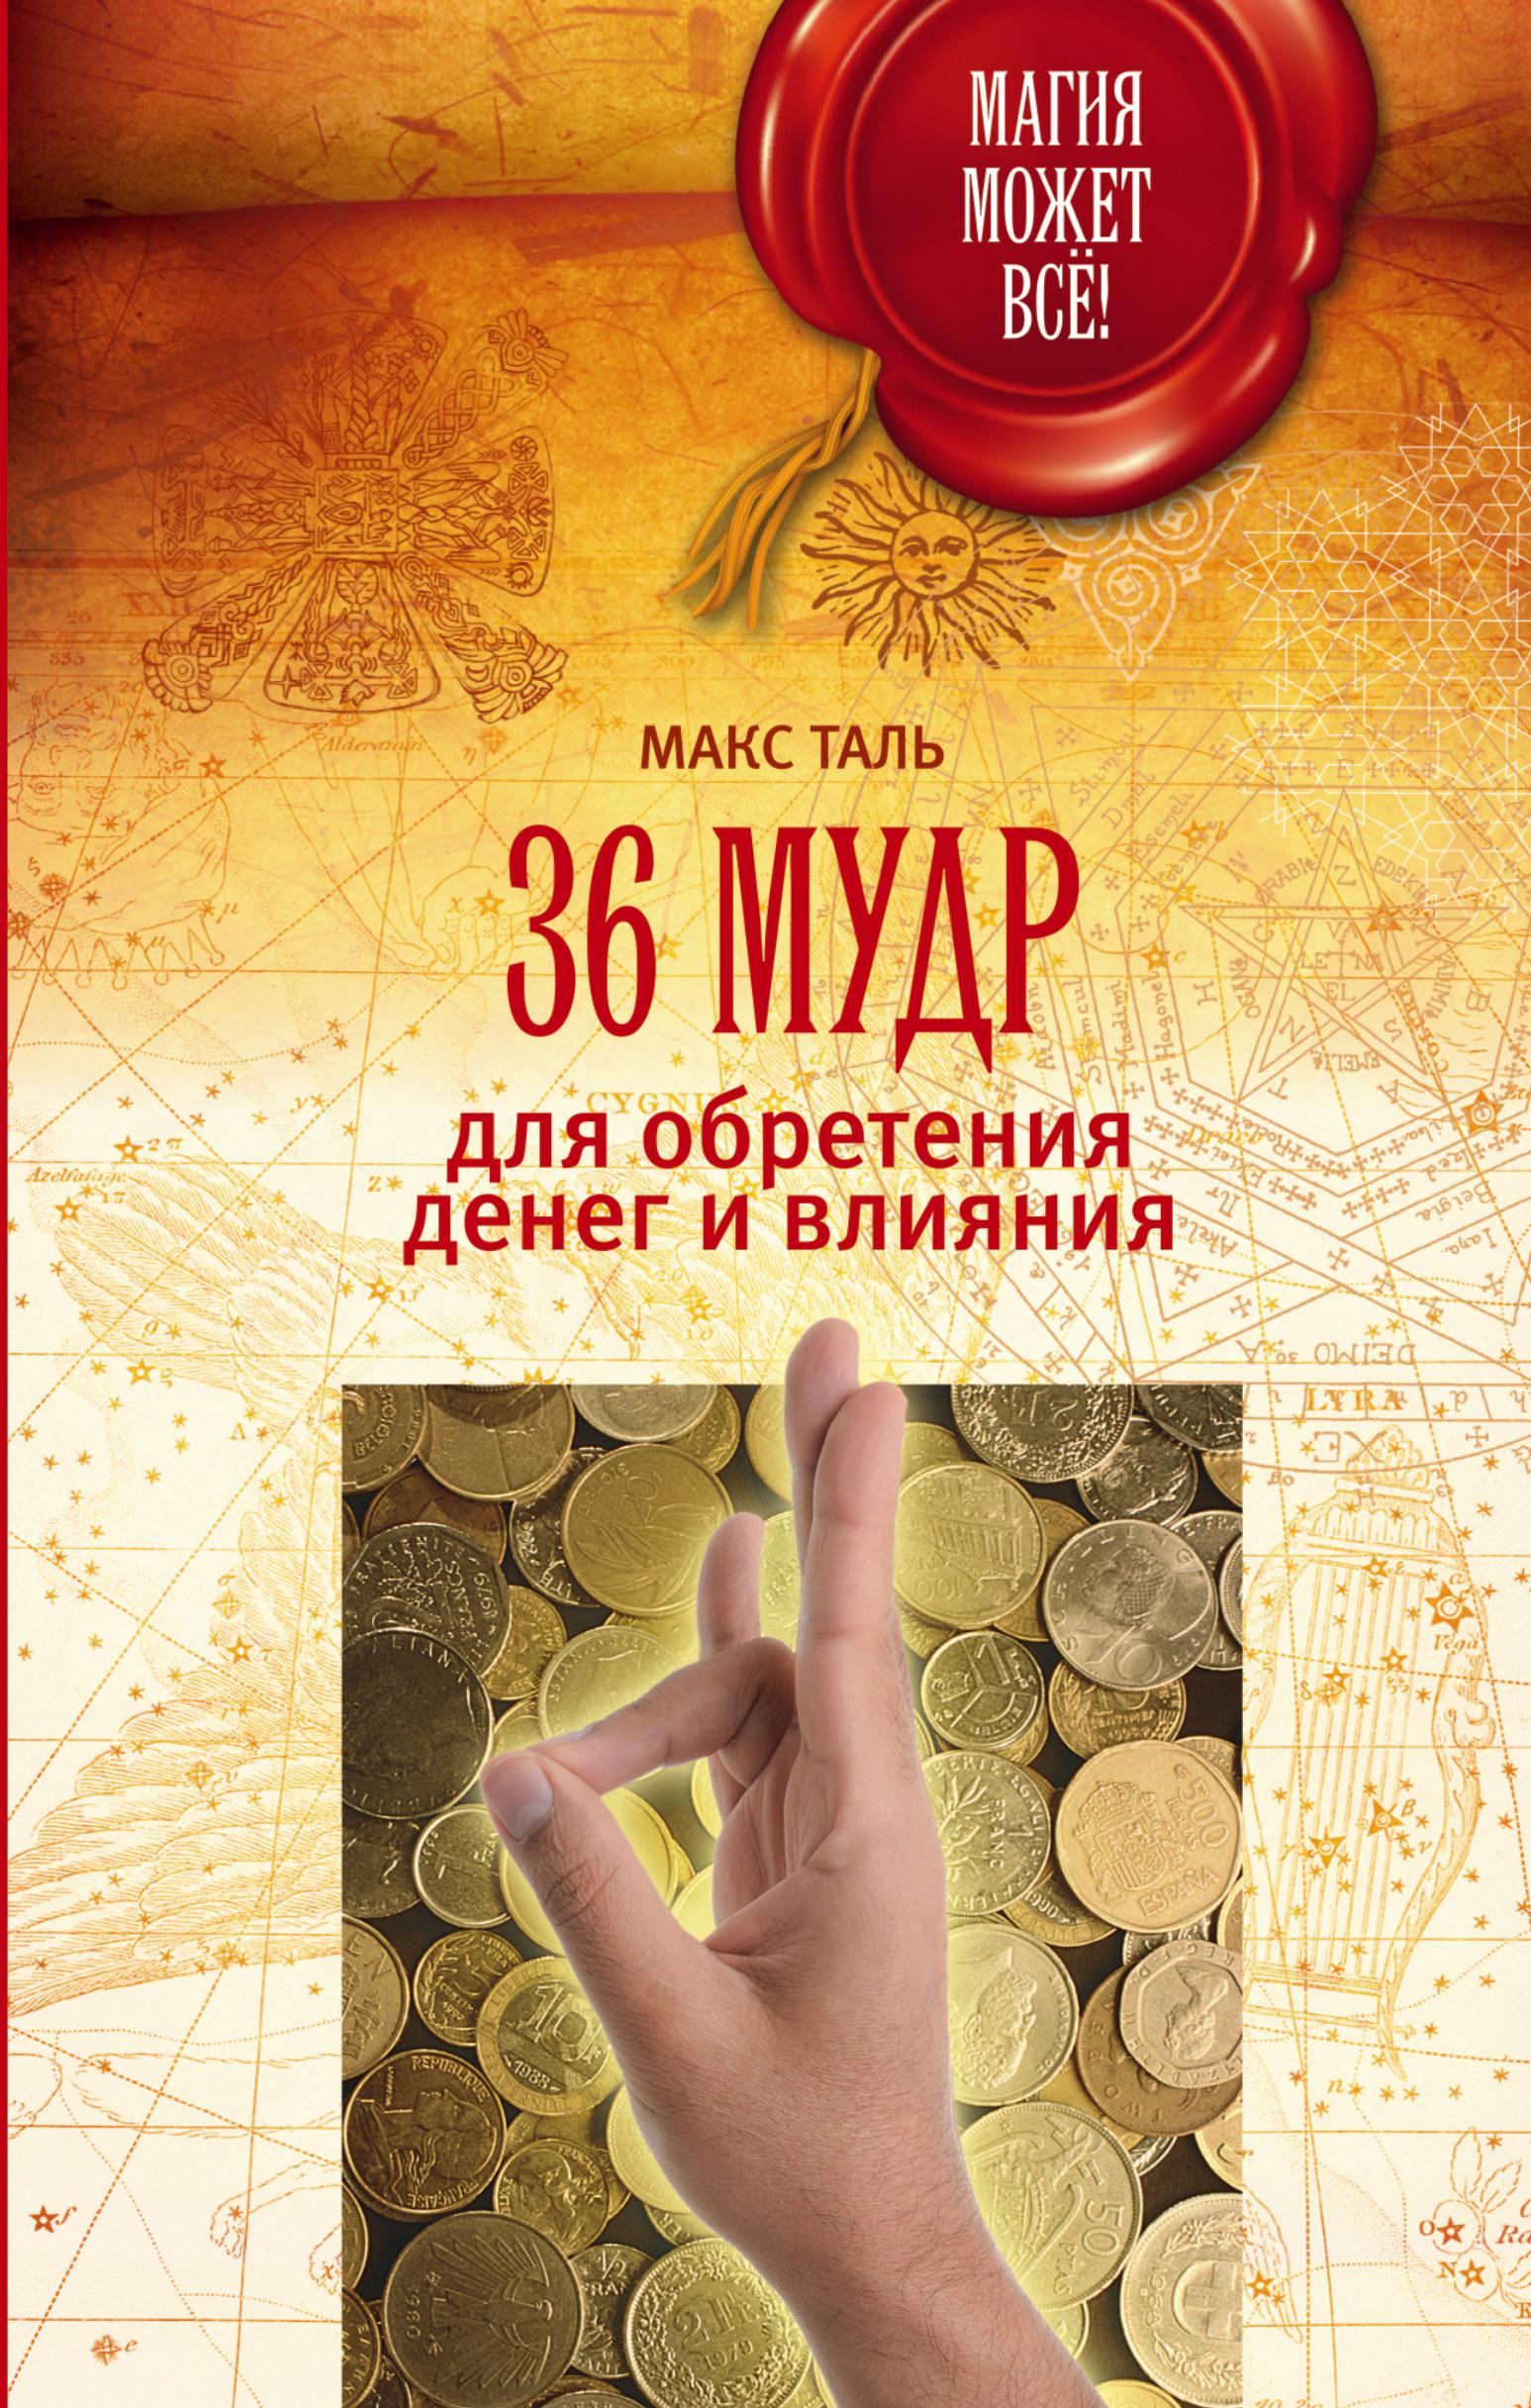 Макс Таль 36 мудр для обретения денег и влияния золотарев ю исцеляющие группы мудр новый метод применения